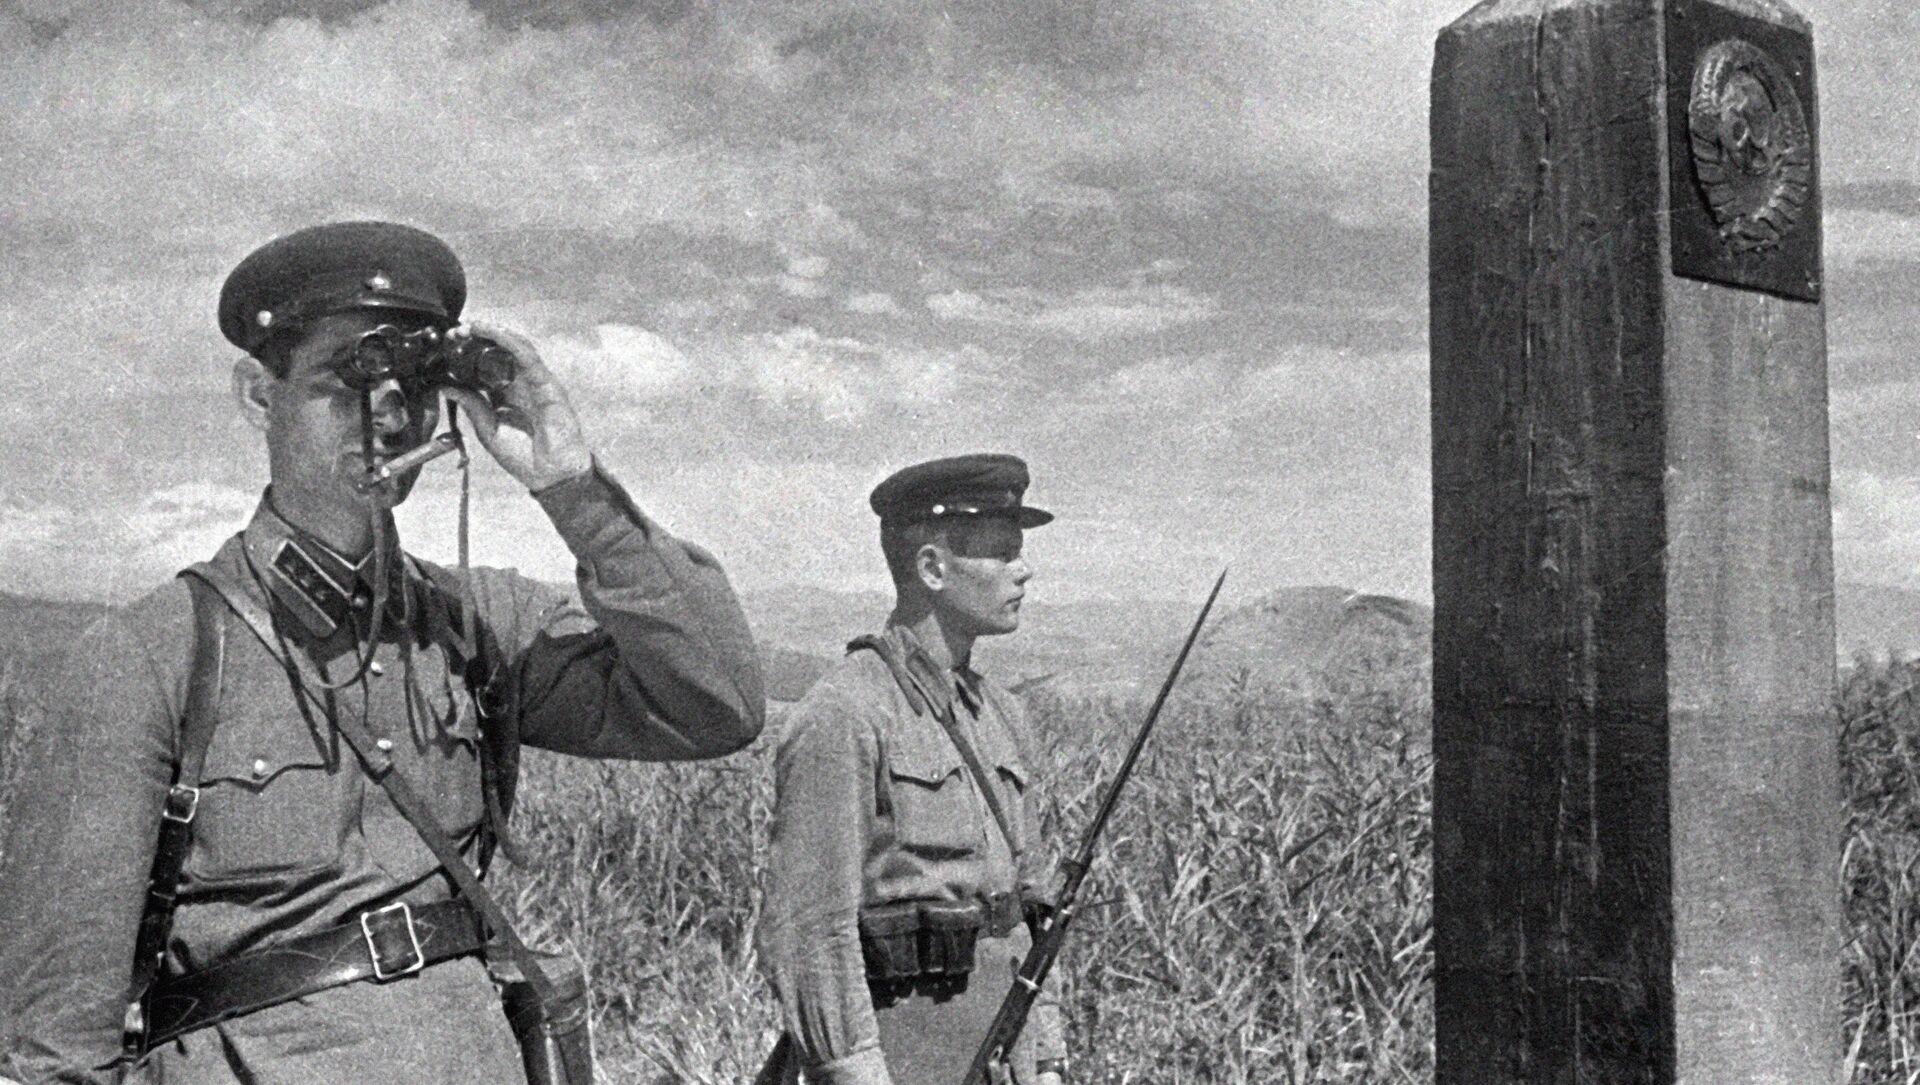 Советские пограничники, архивное фото - Sputnik Беларусь, 1920, 22.06.2021